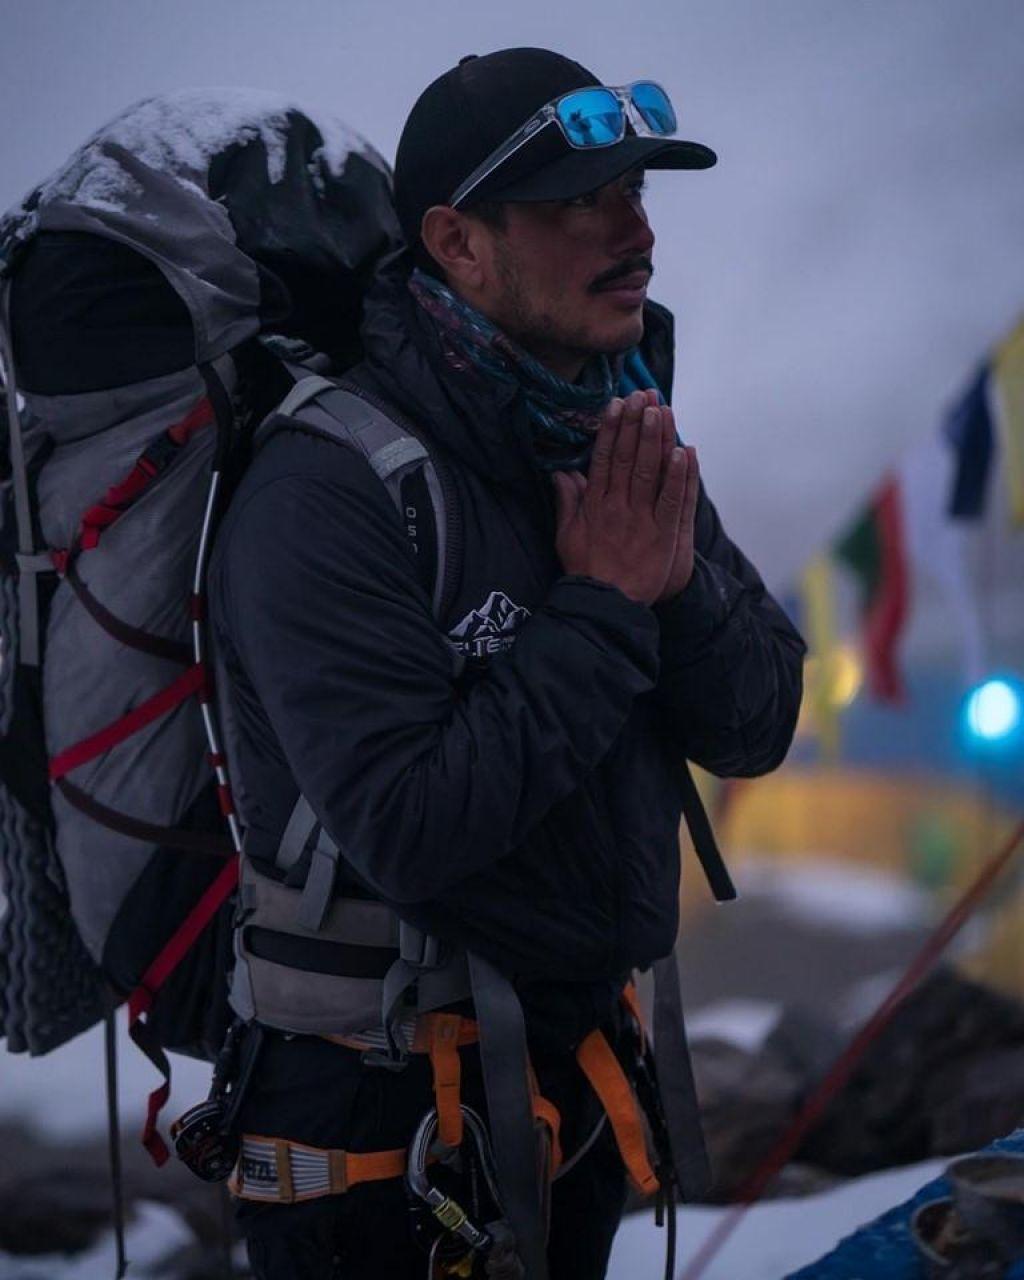 »Drvenje« na osemtisočake: Nepalec za 14 najvišjih vrhov porabil le sedem mesecev